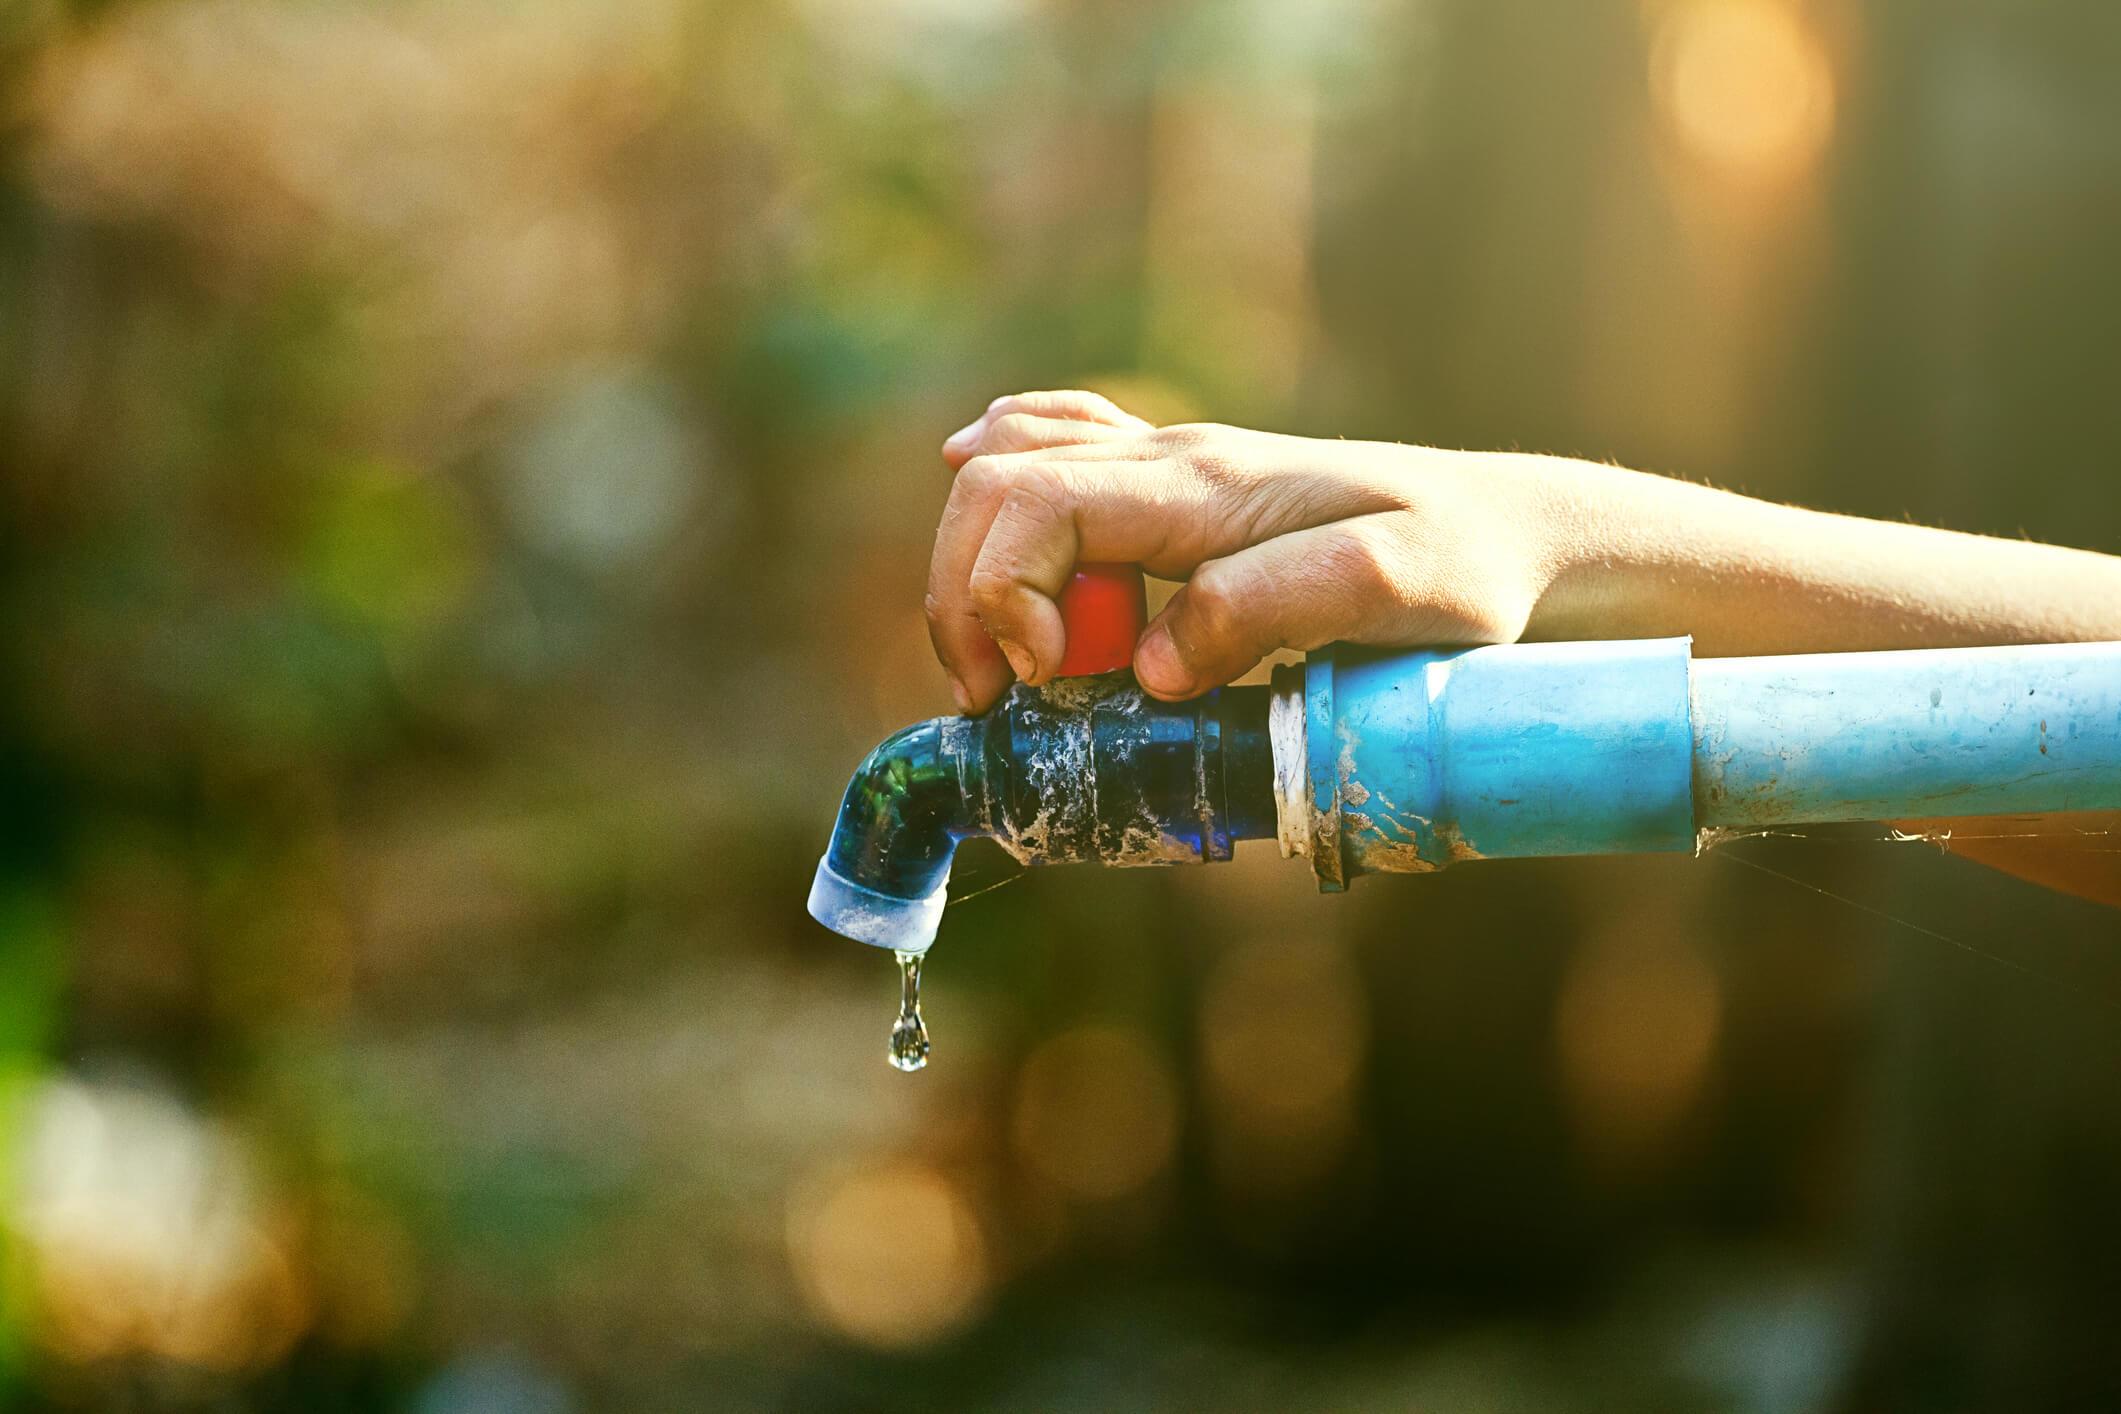 No Dia Mundial da Água, em mensagem o Papa pede ação sem demora para não desperdiçar e poluir